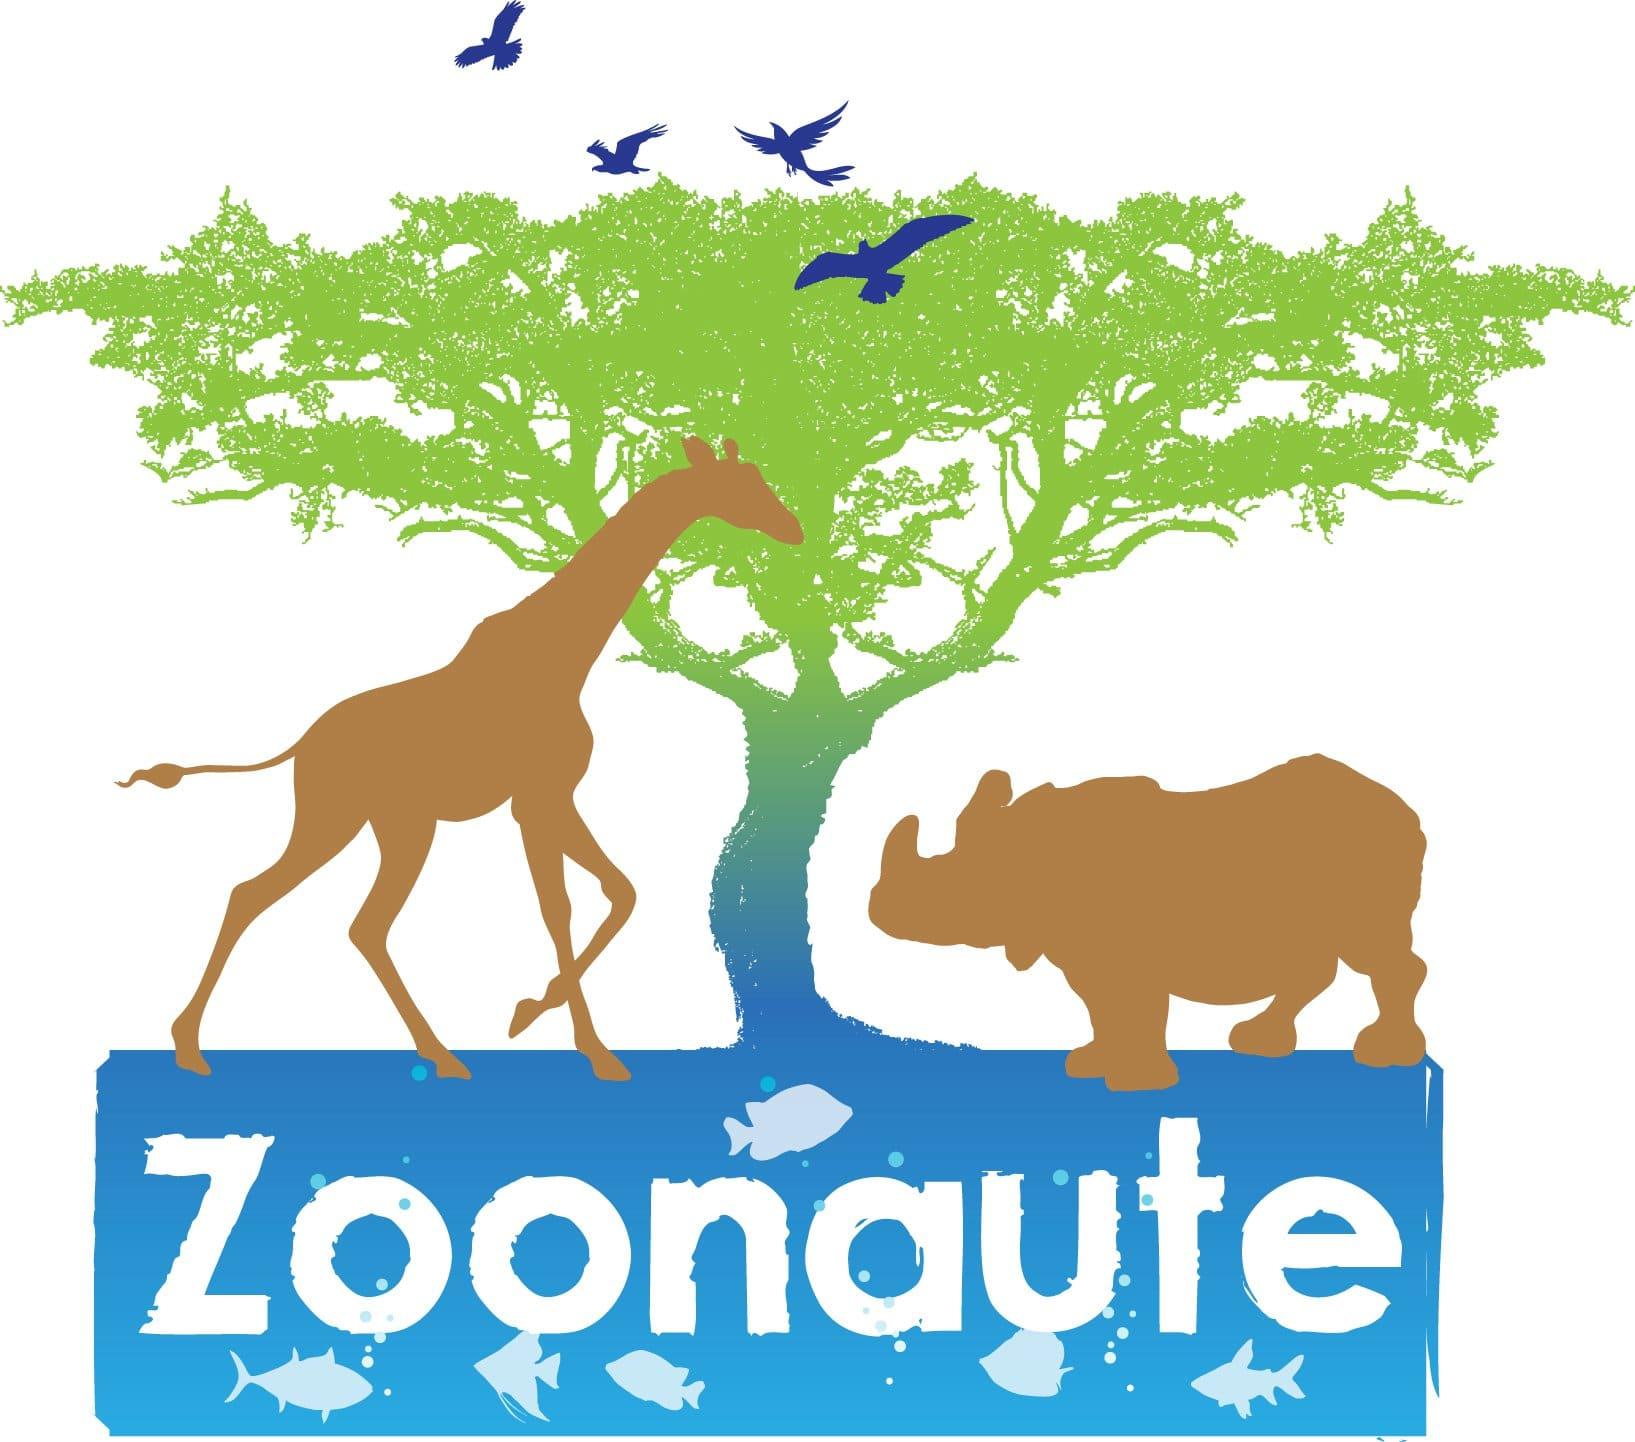 logo-Zoonaute